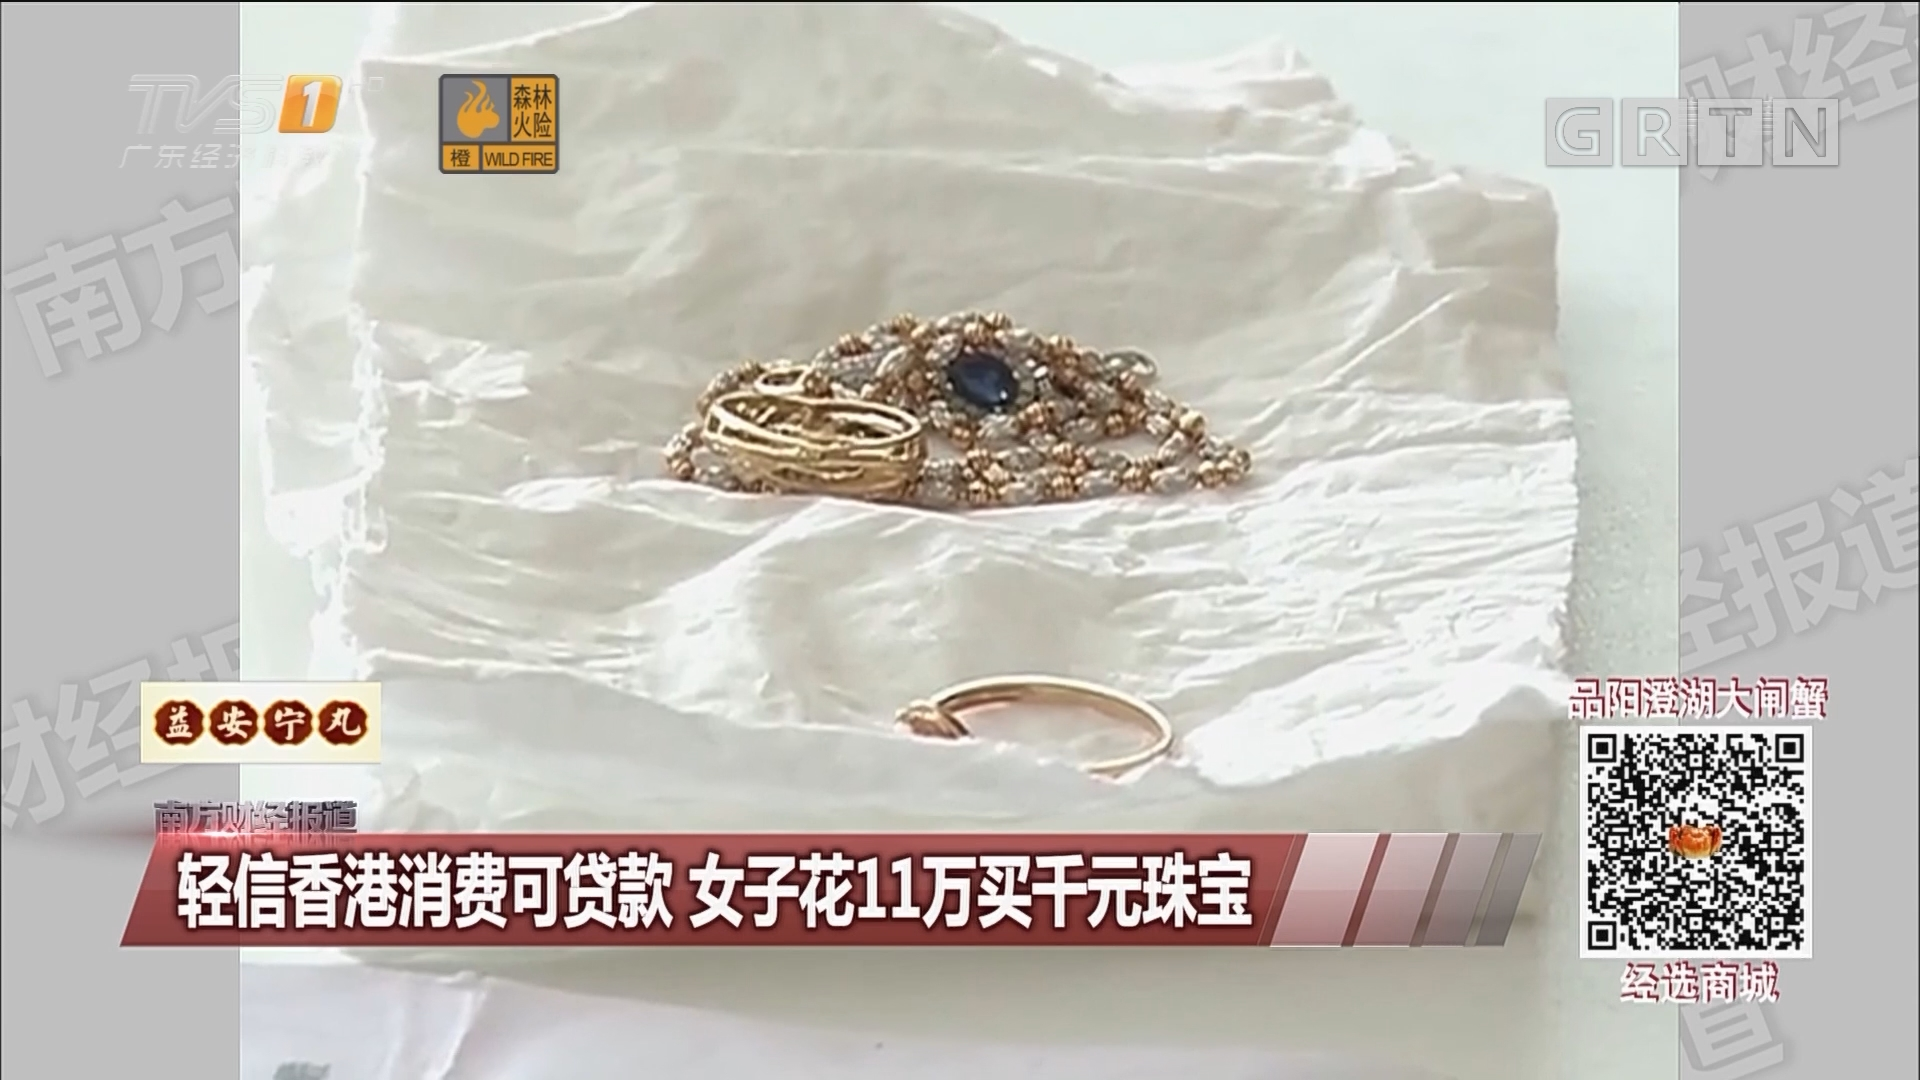 轻信香港消费可贷款 女子花11万买千元珠宝